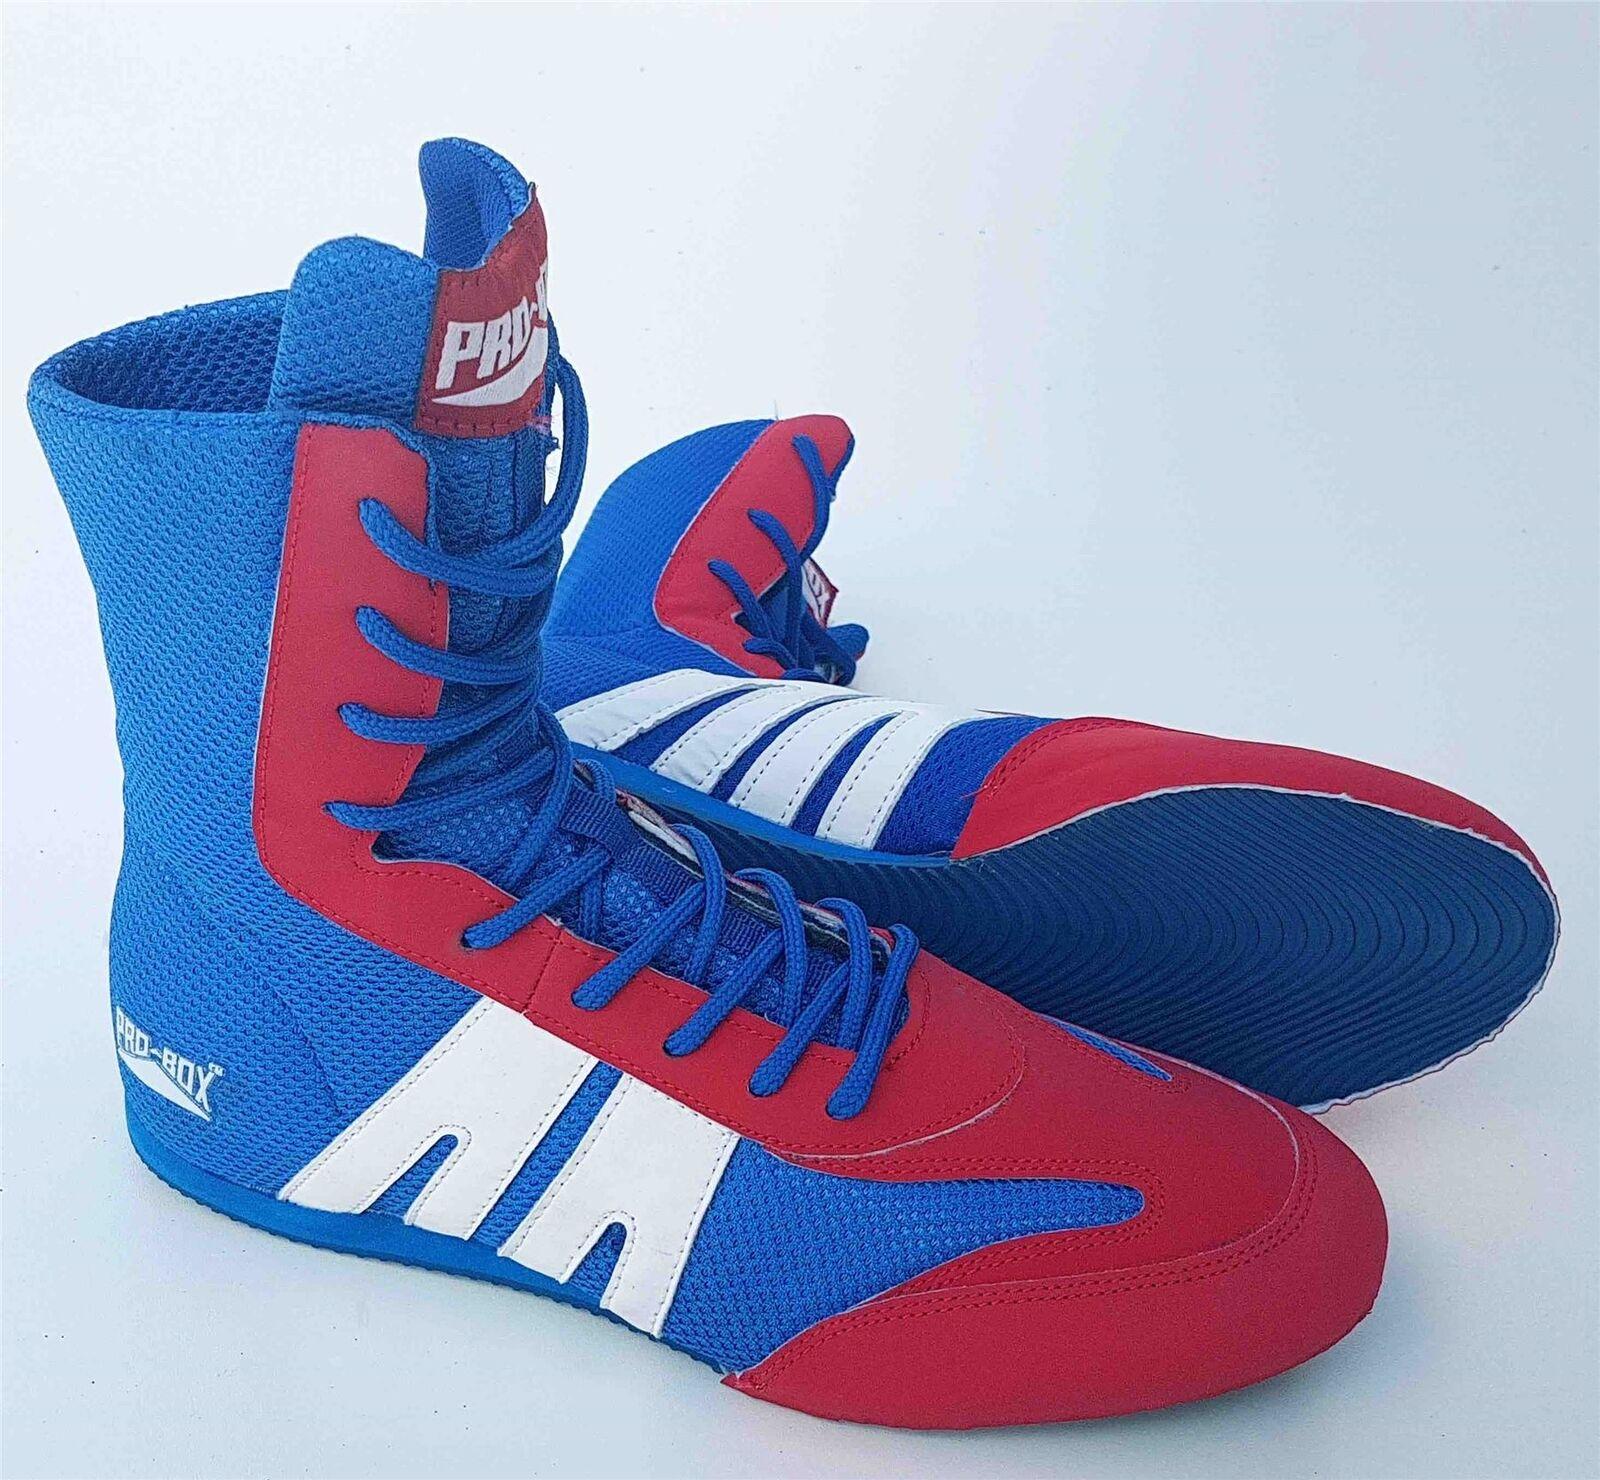 PRO Box Junior Boxe Stivali Bambini Ragazzi Ragazze Blu Rosso da palestra scarpe da training Sparring